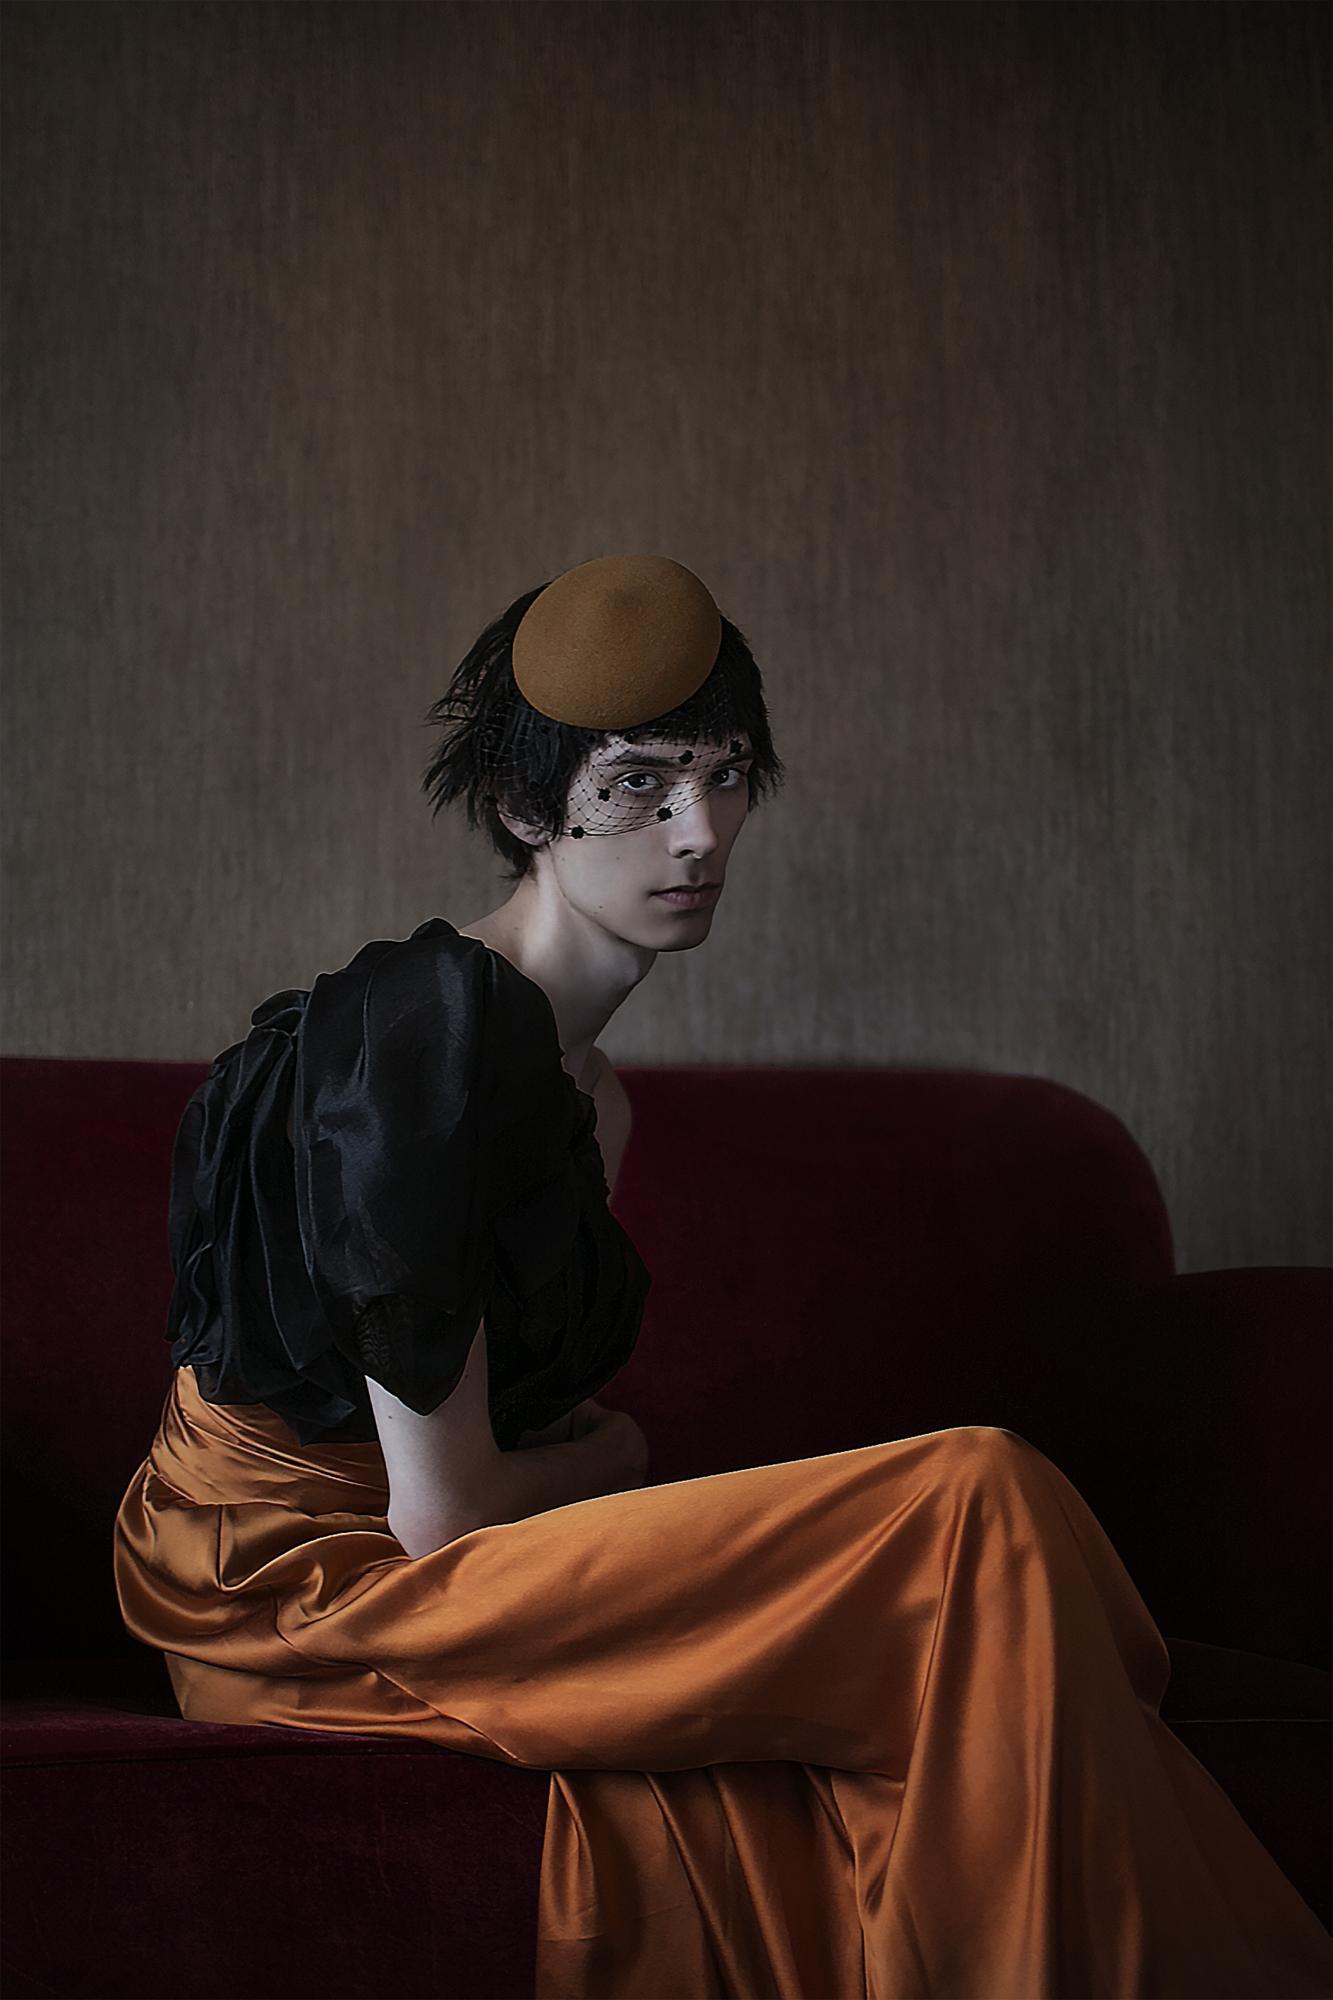 Untitled by Anna Osk Erlingsdottir